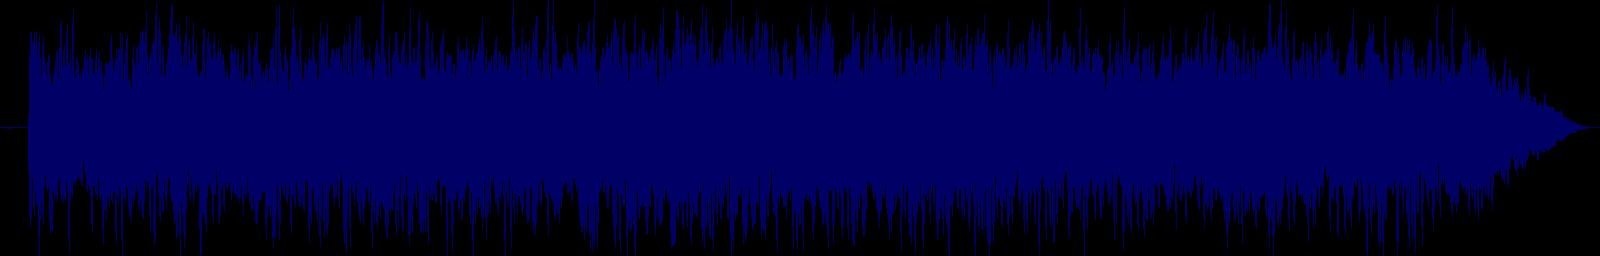 waveform of track #144082